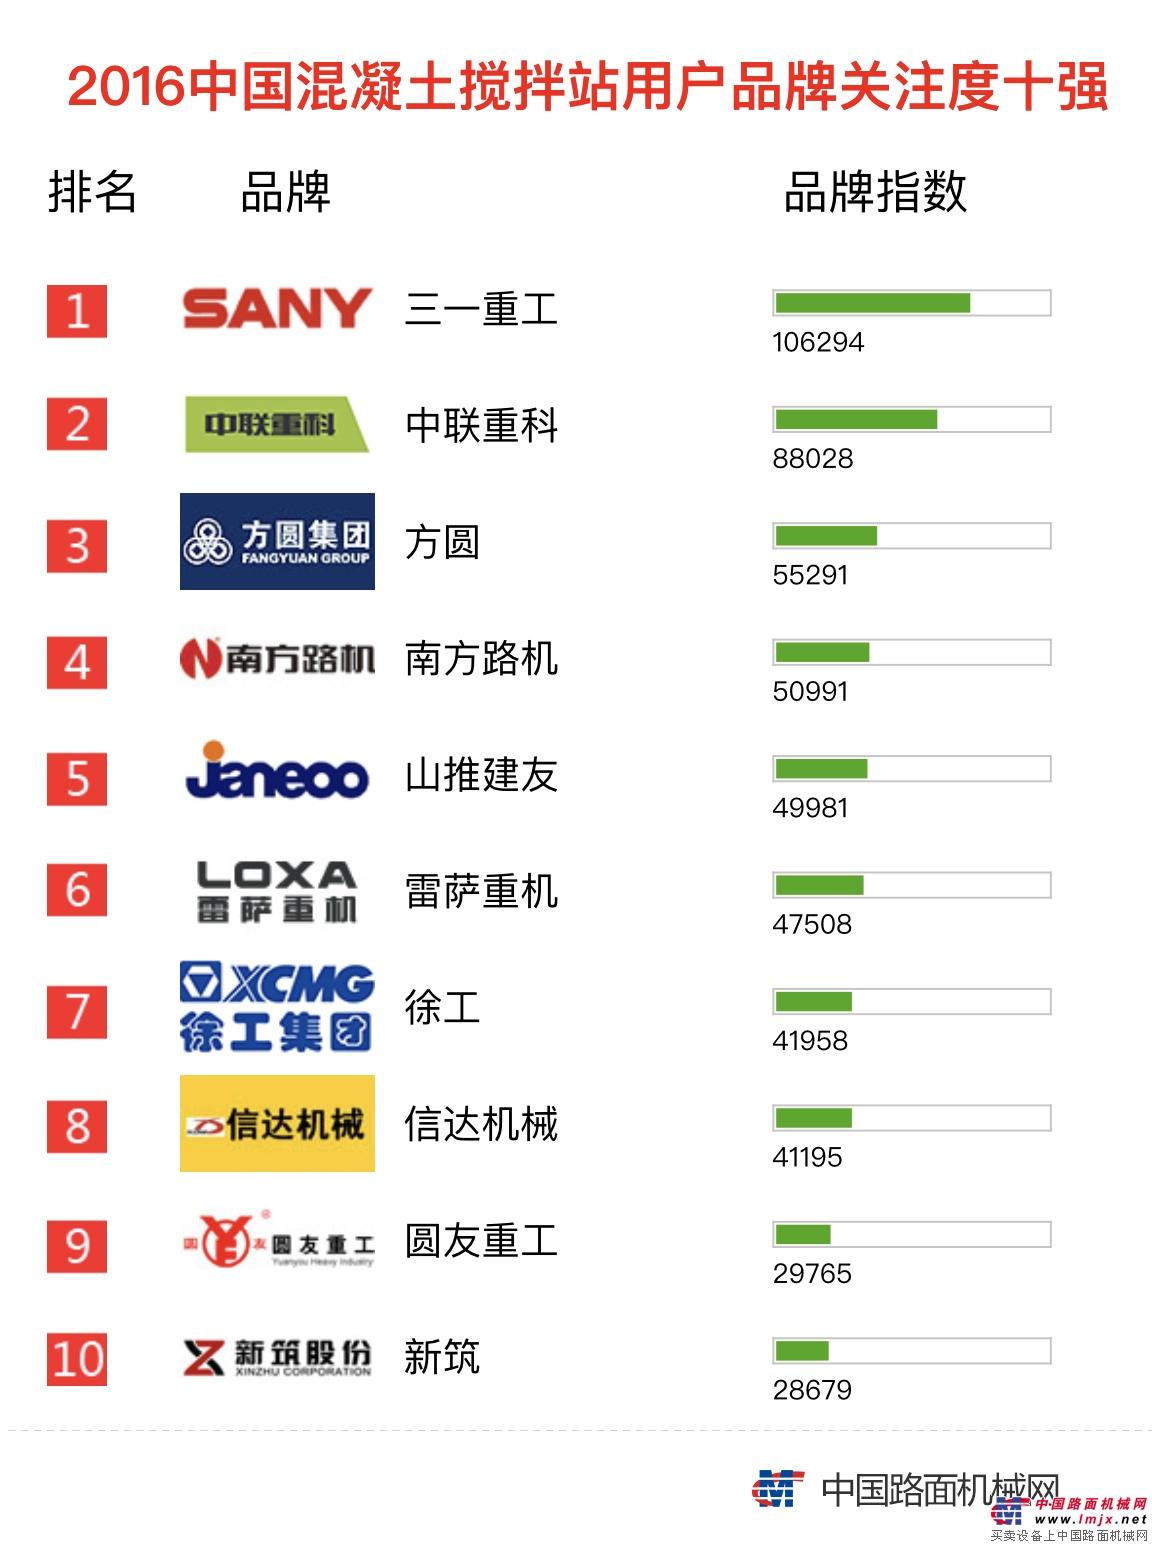 2016年【混凝土搅拌站】品牌关注度排行榜